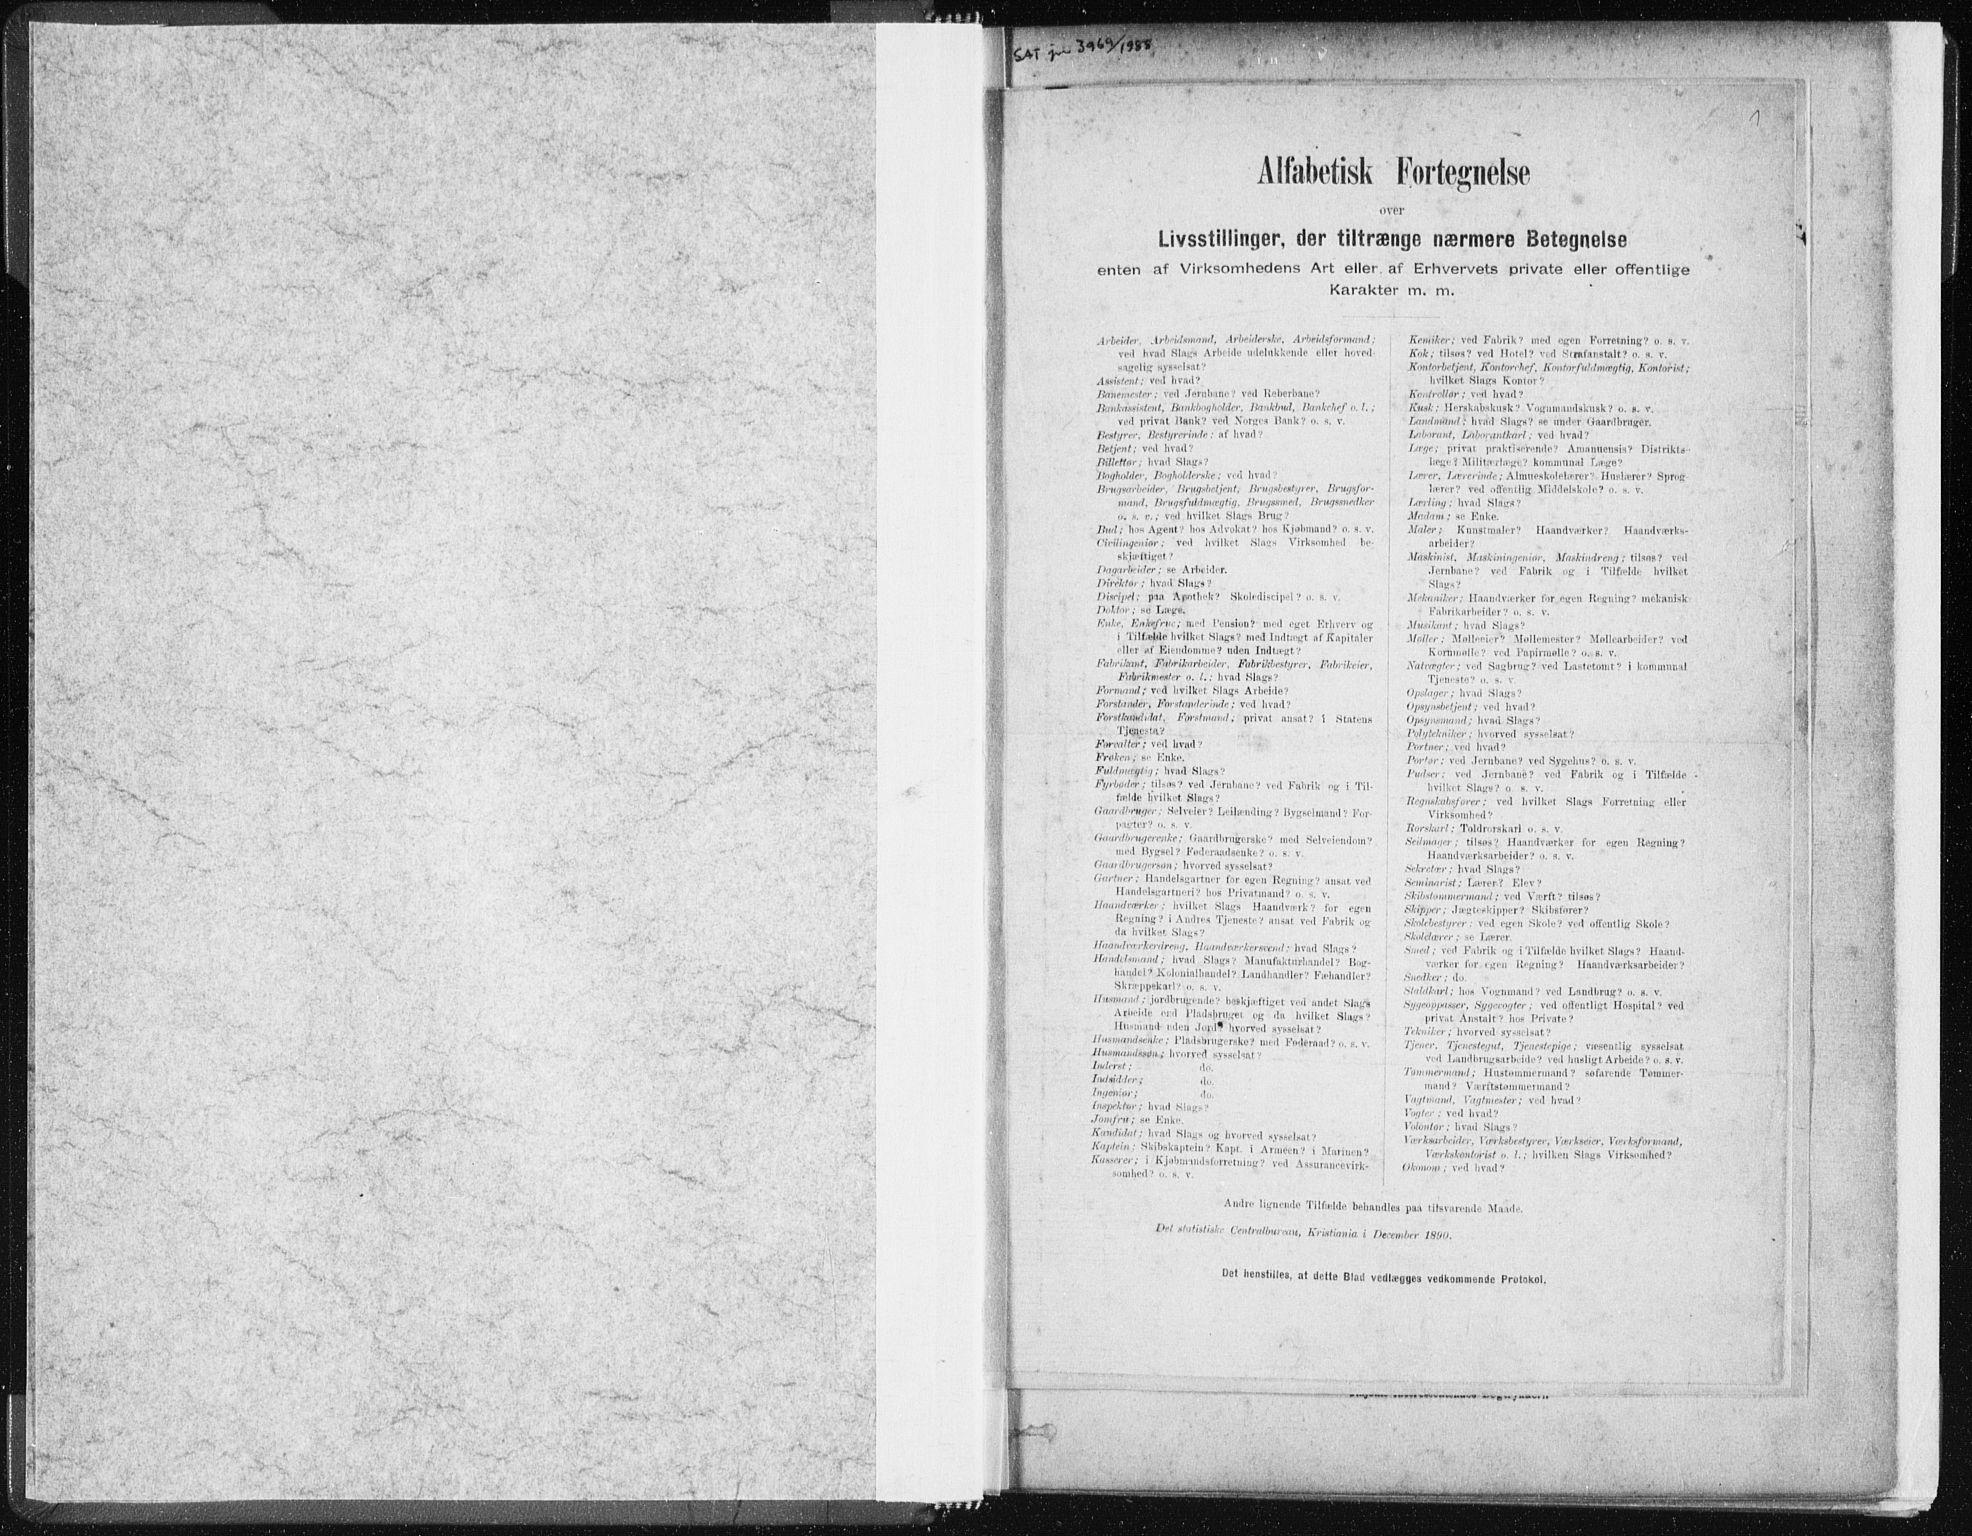 SAT, Ministerialprotokoller, klokkerbøker og fødselsregistre - Sør-Trøndelag, 634/L0533: Ministerialbok nr. 634A09, 1882-1901